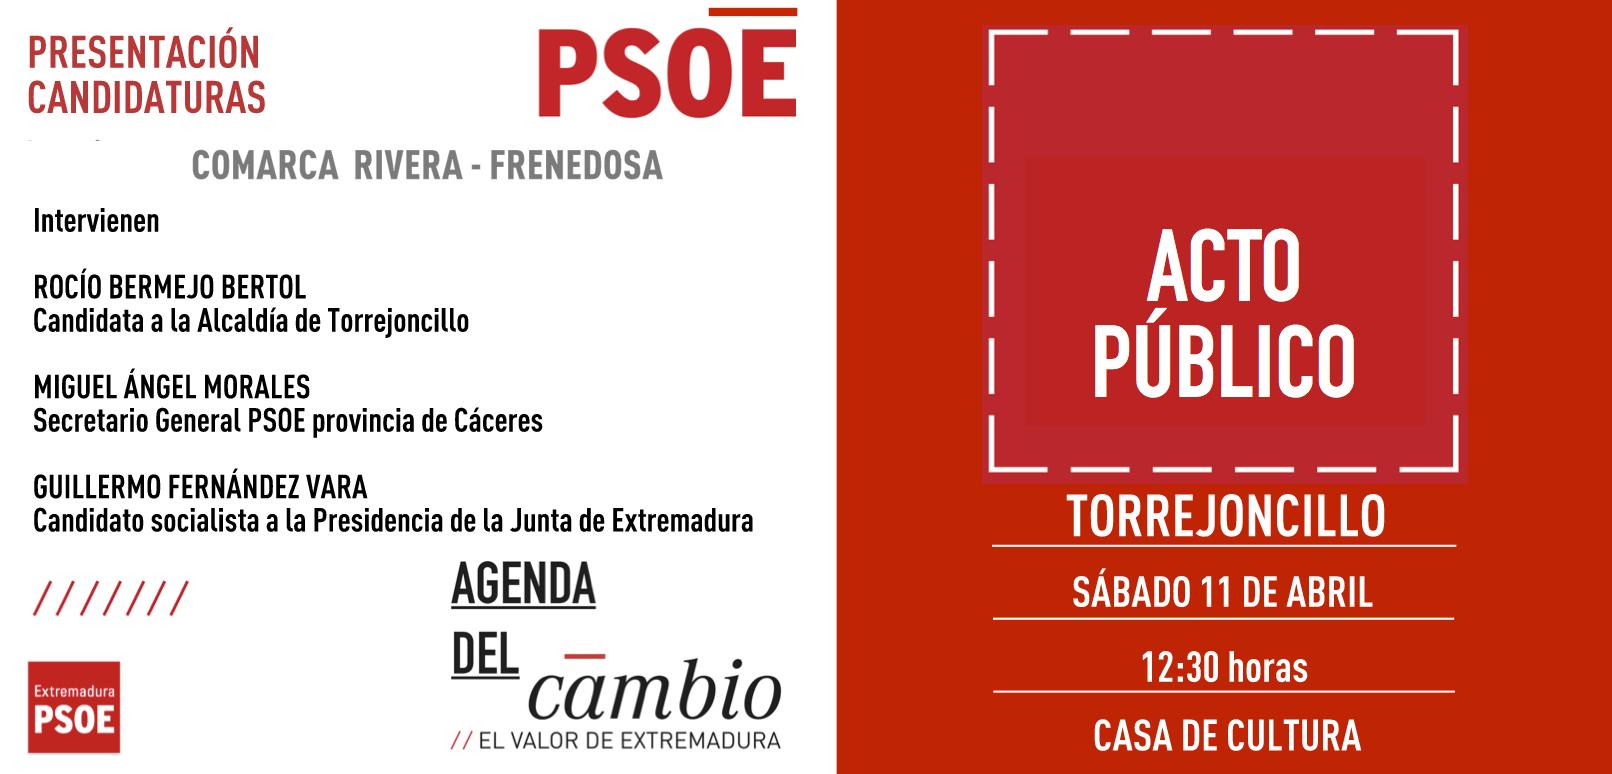 Guillermo Fernández Vara presentará en Torrejoncillo a los candidatos de la Comarca